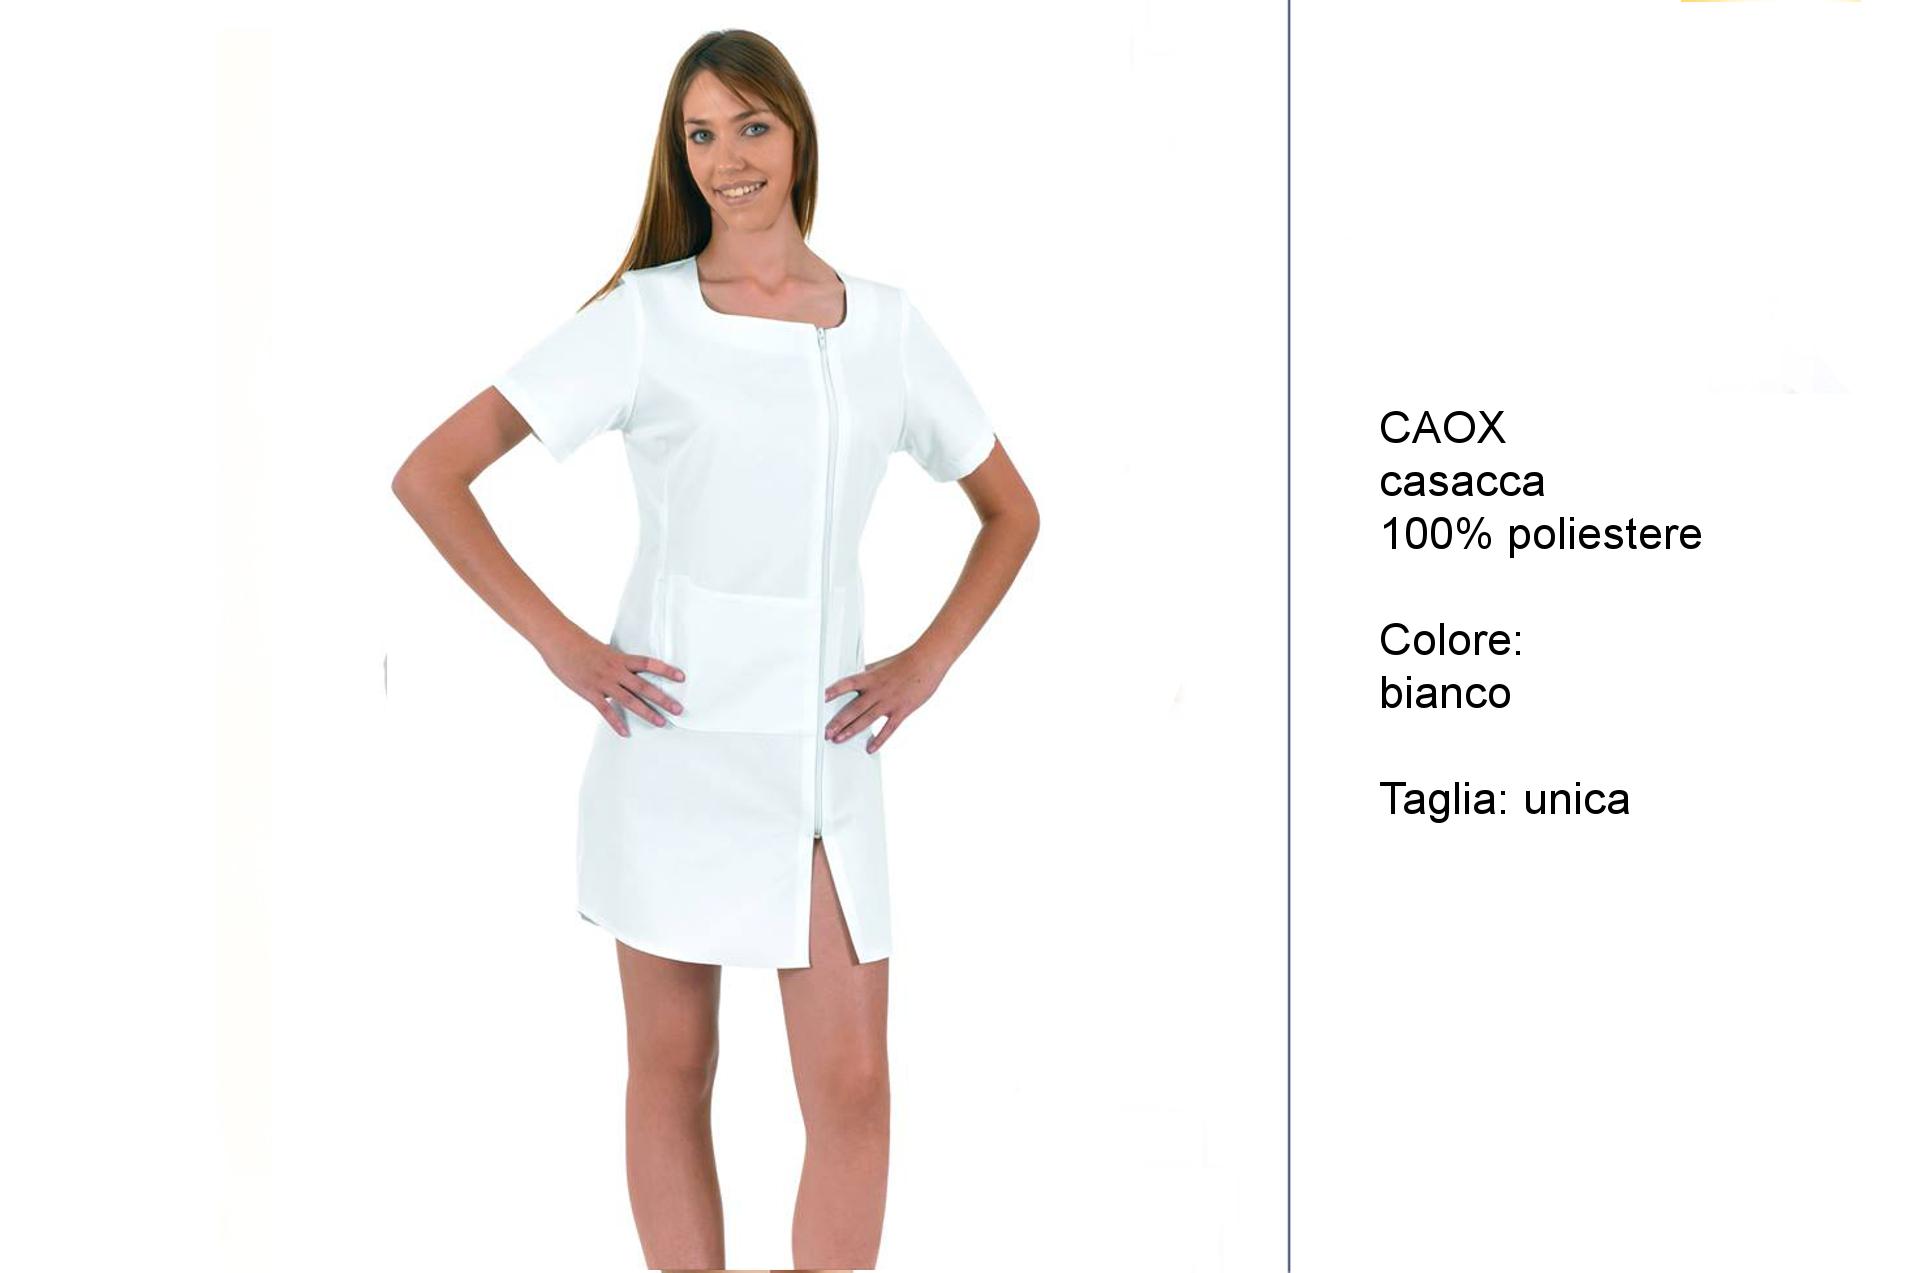 Abbigliamento e divise per estetiste centri estetici beauty-farm beauty -center wellness SPA